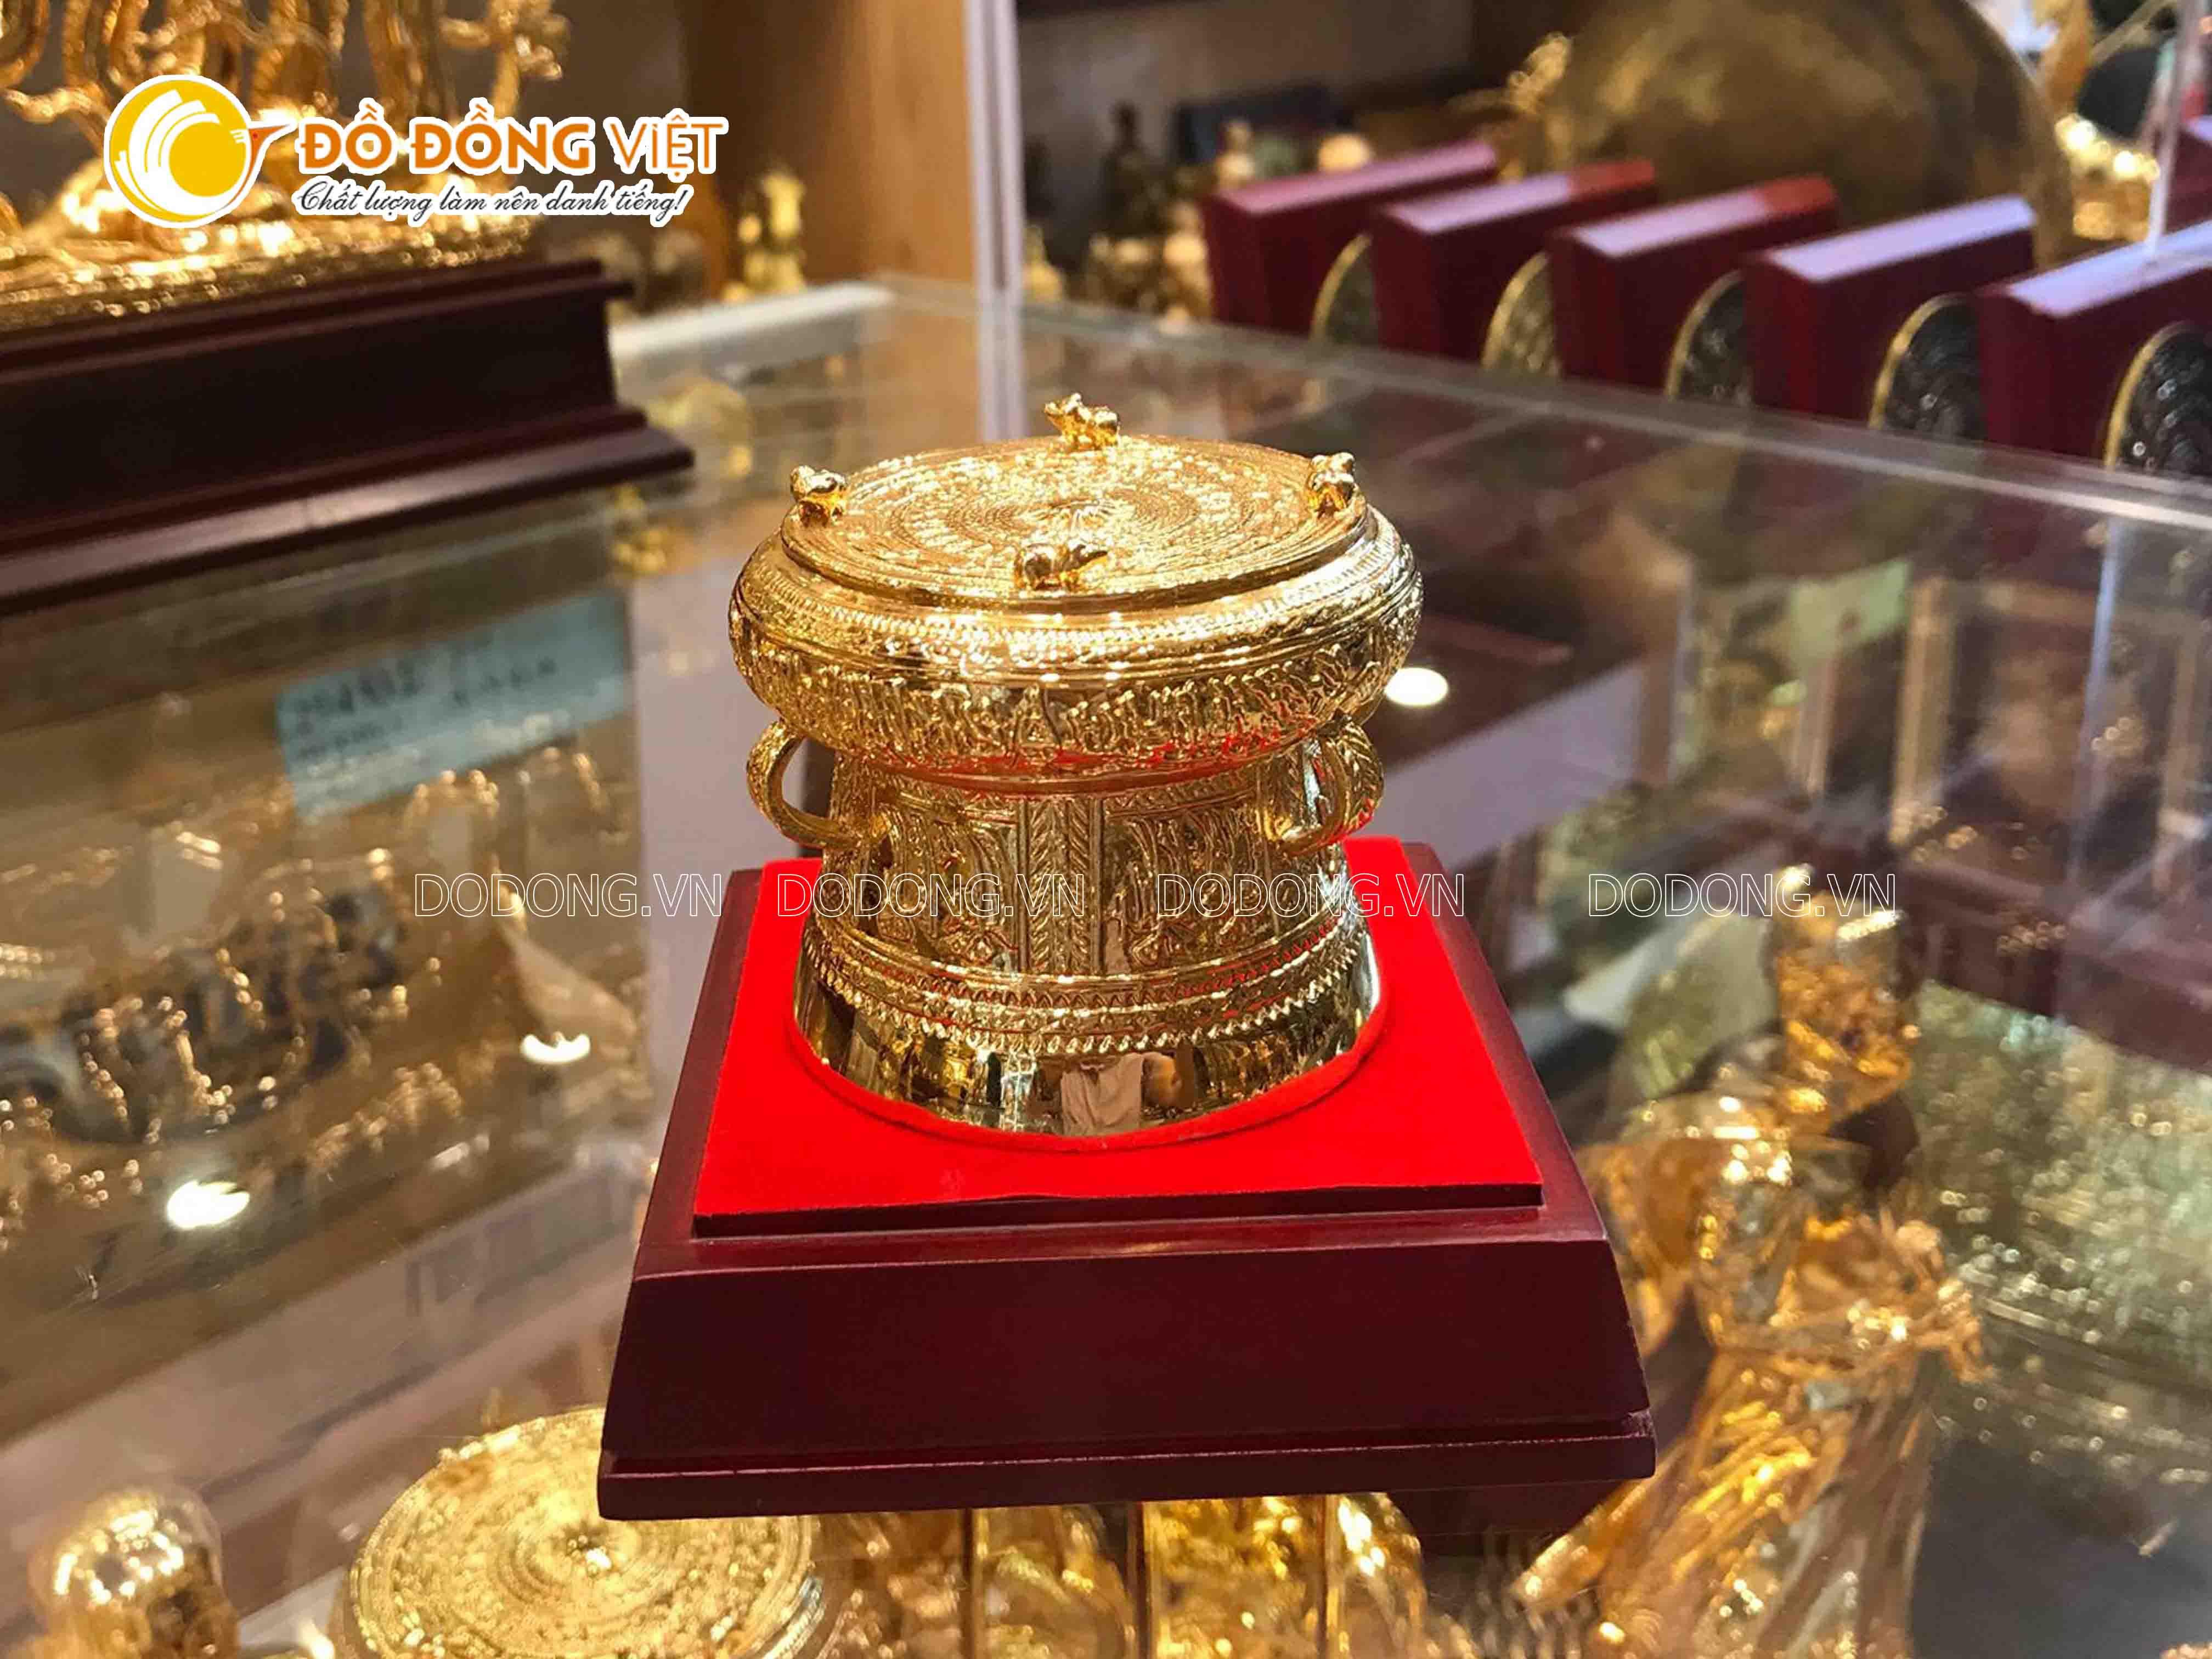 Giá bán trống đồng mạ vàng đường kính 9cm